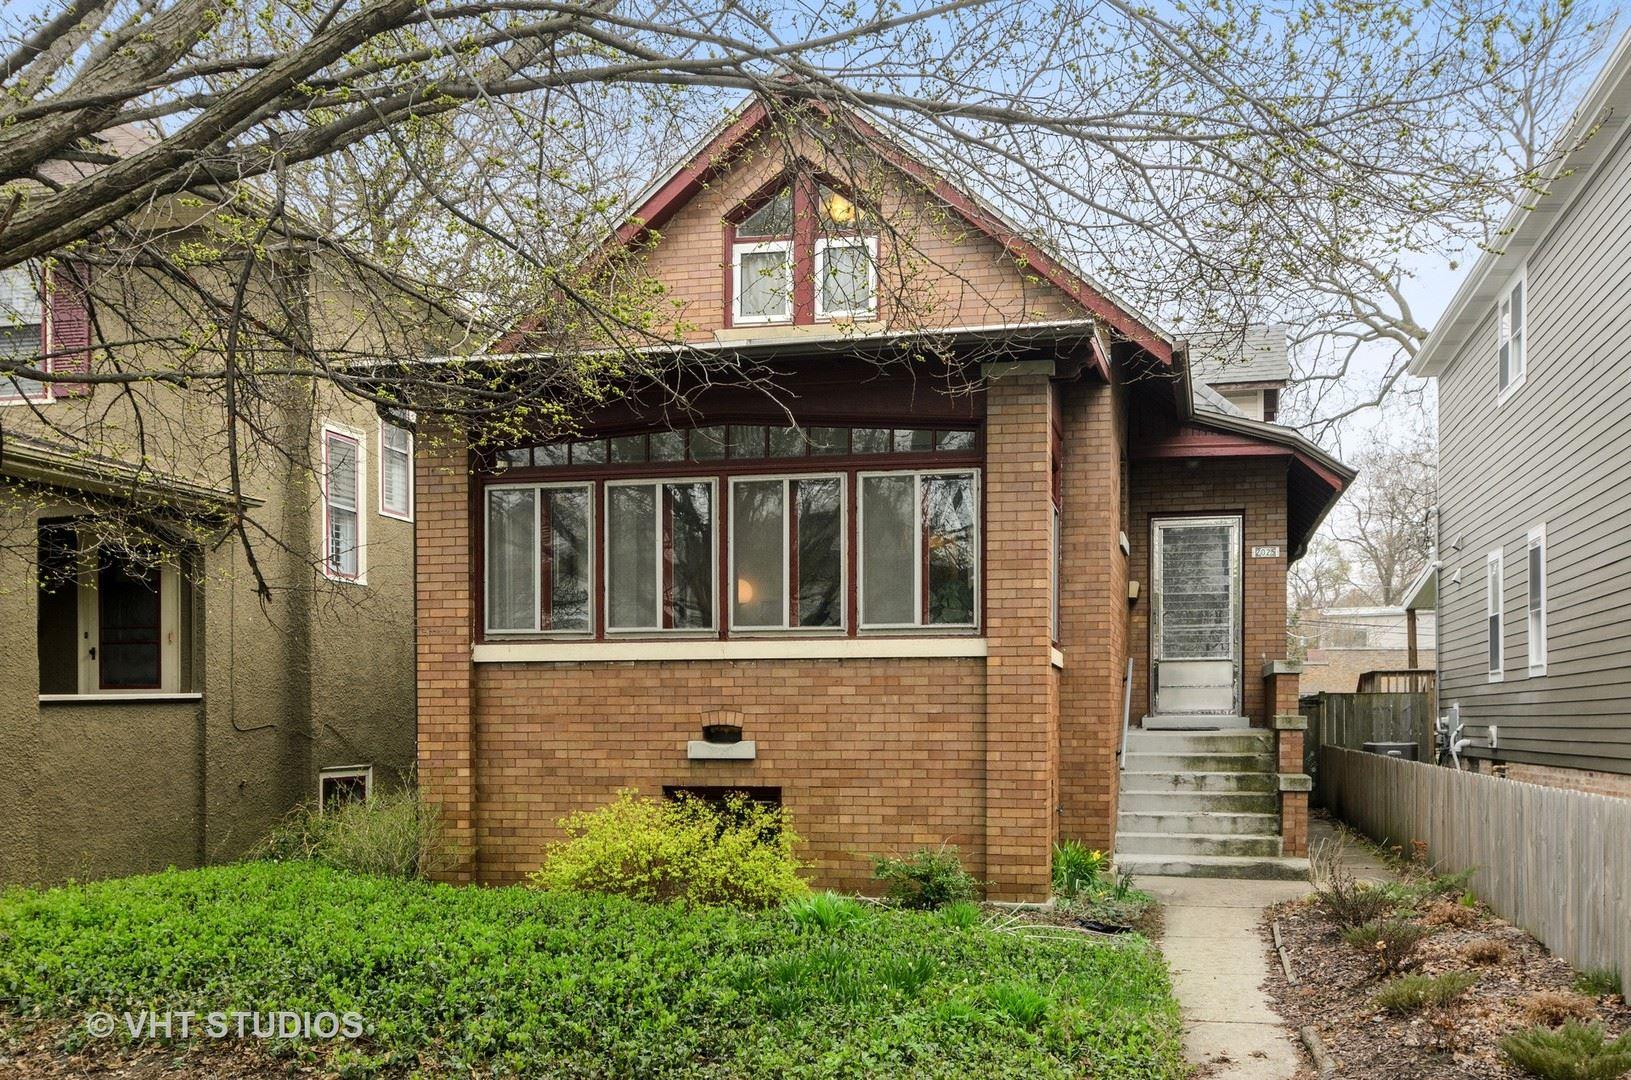 2025 W Touhy Avenue, Chicago, IL 60645 - #: 10721645